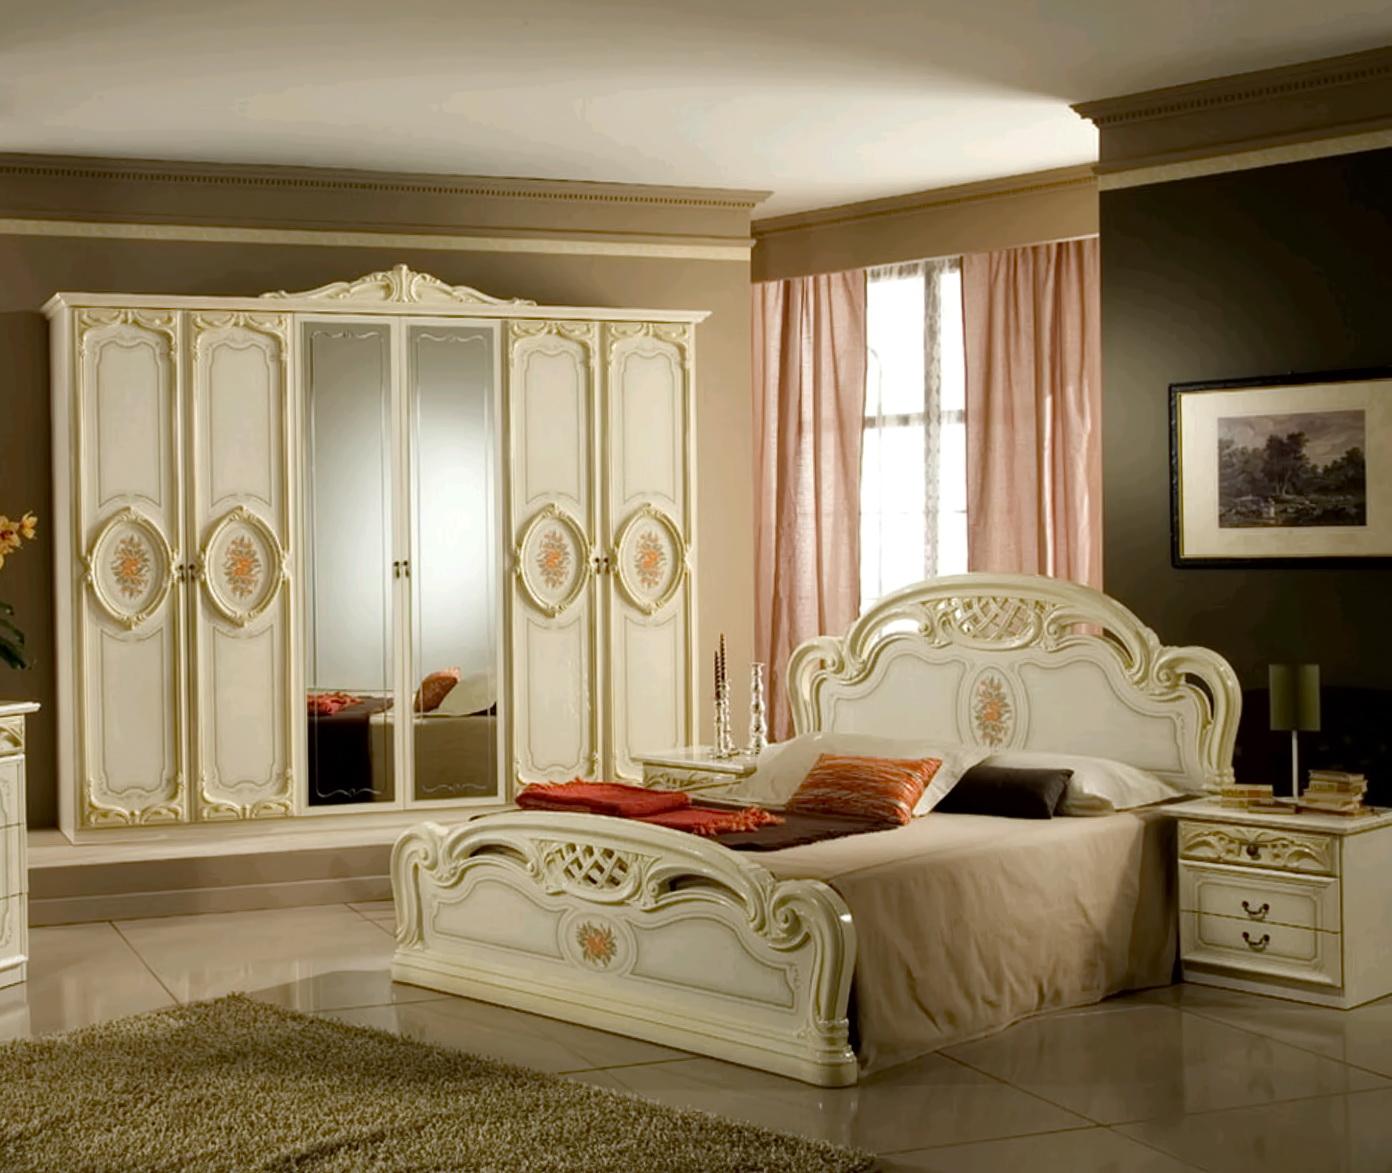 Luxury Bedroom Furniture Sets